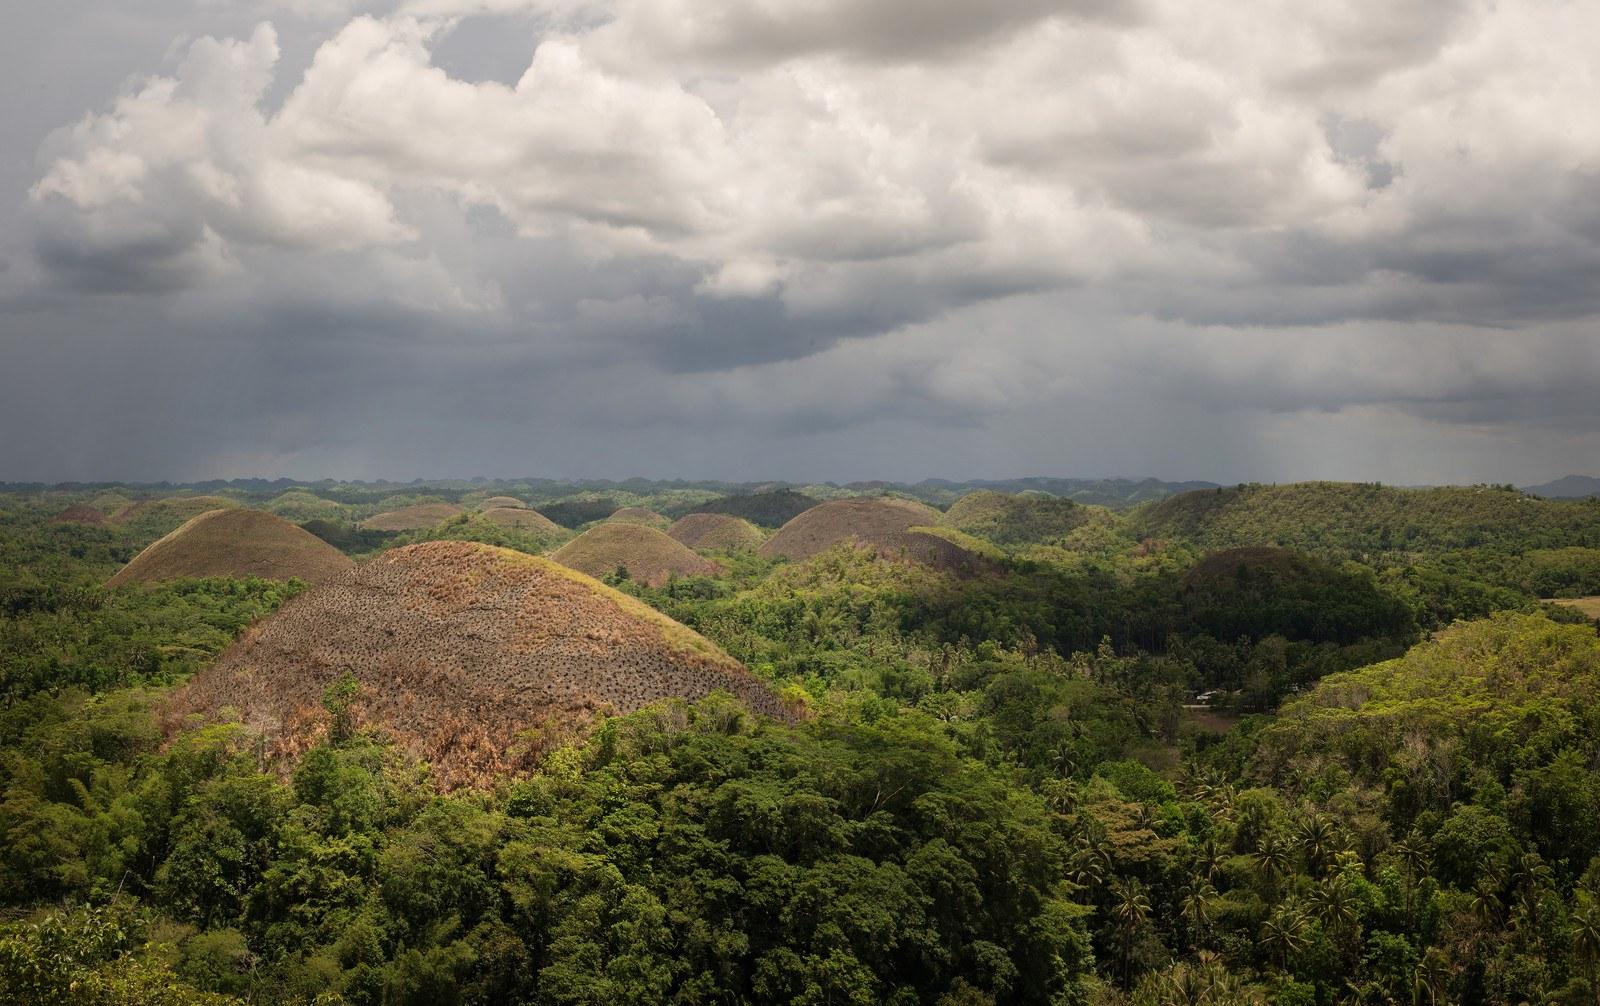 Collines de Chocolate Hills Chocolate Hills